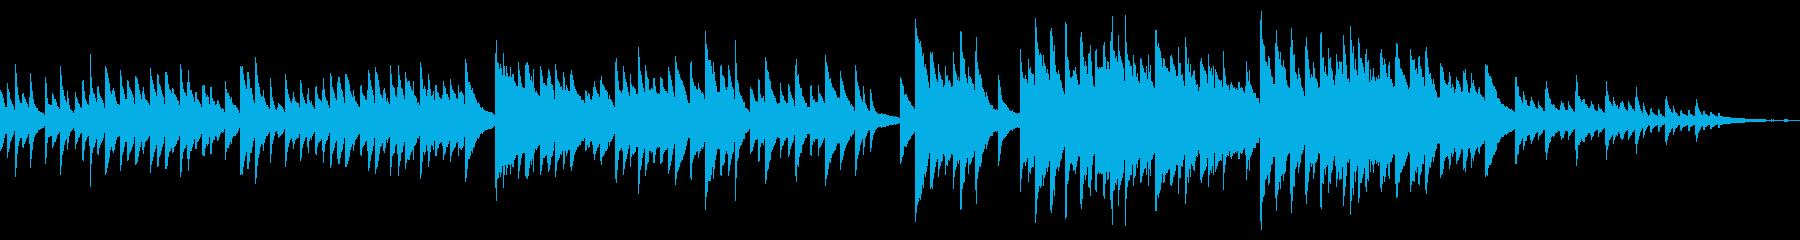 ループ しっとり悲しい 切ないピアノソロの再生済みの波形